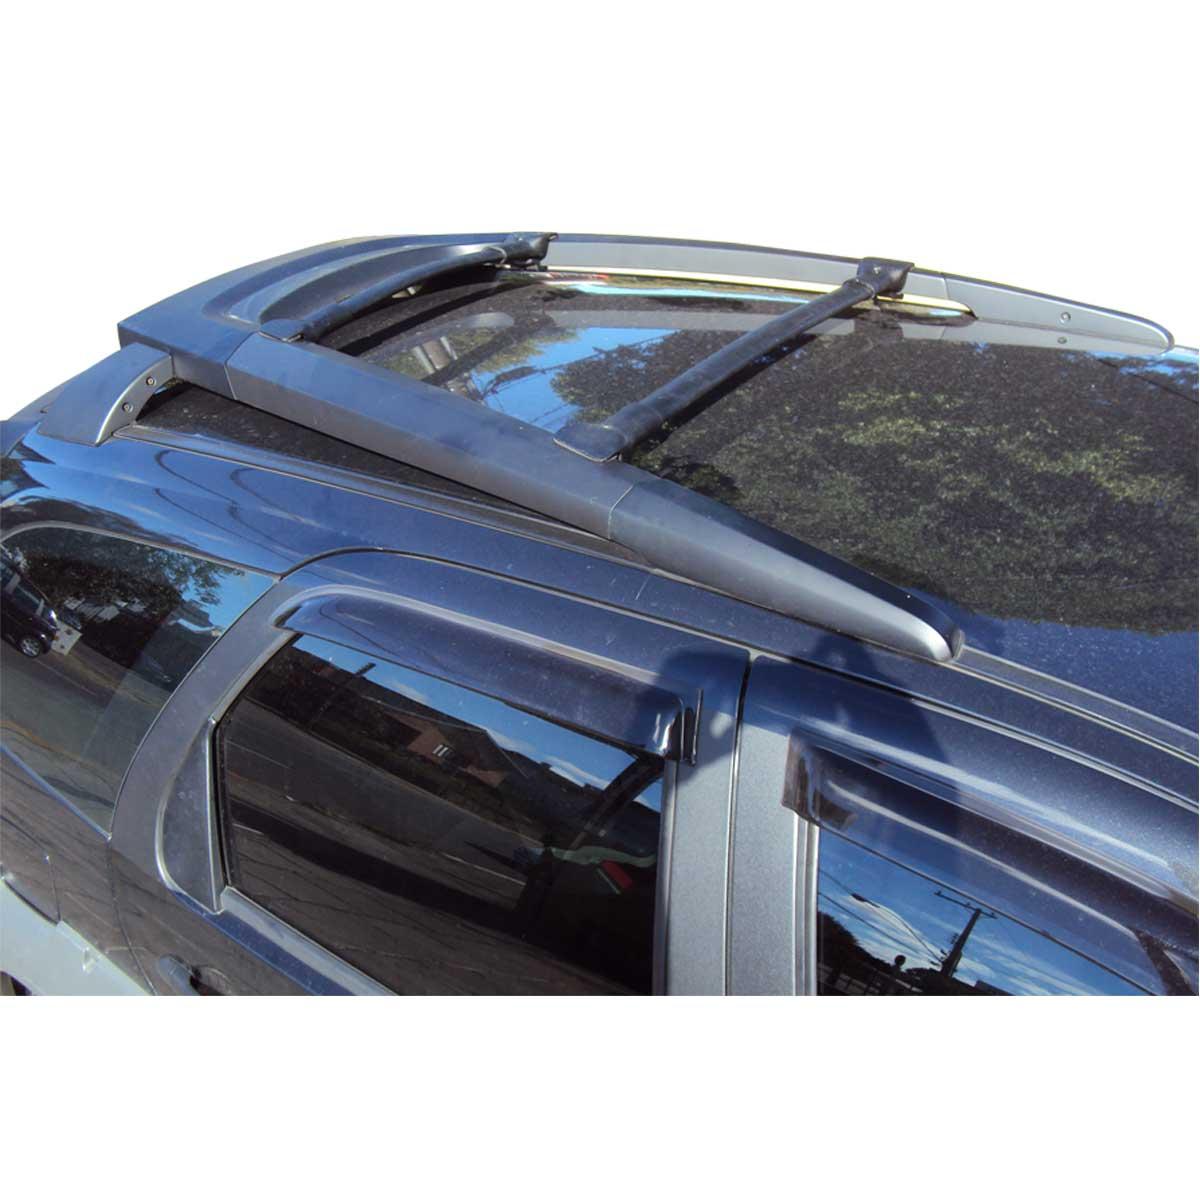 Travessa rack de teto larga preta alumínio Strada Adventure 2009 a 2017